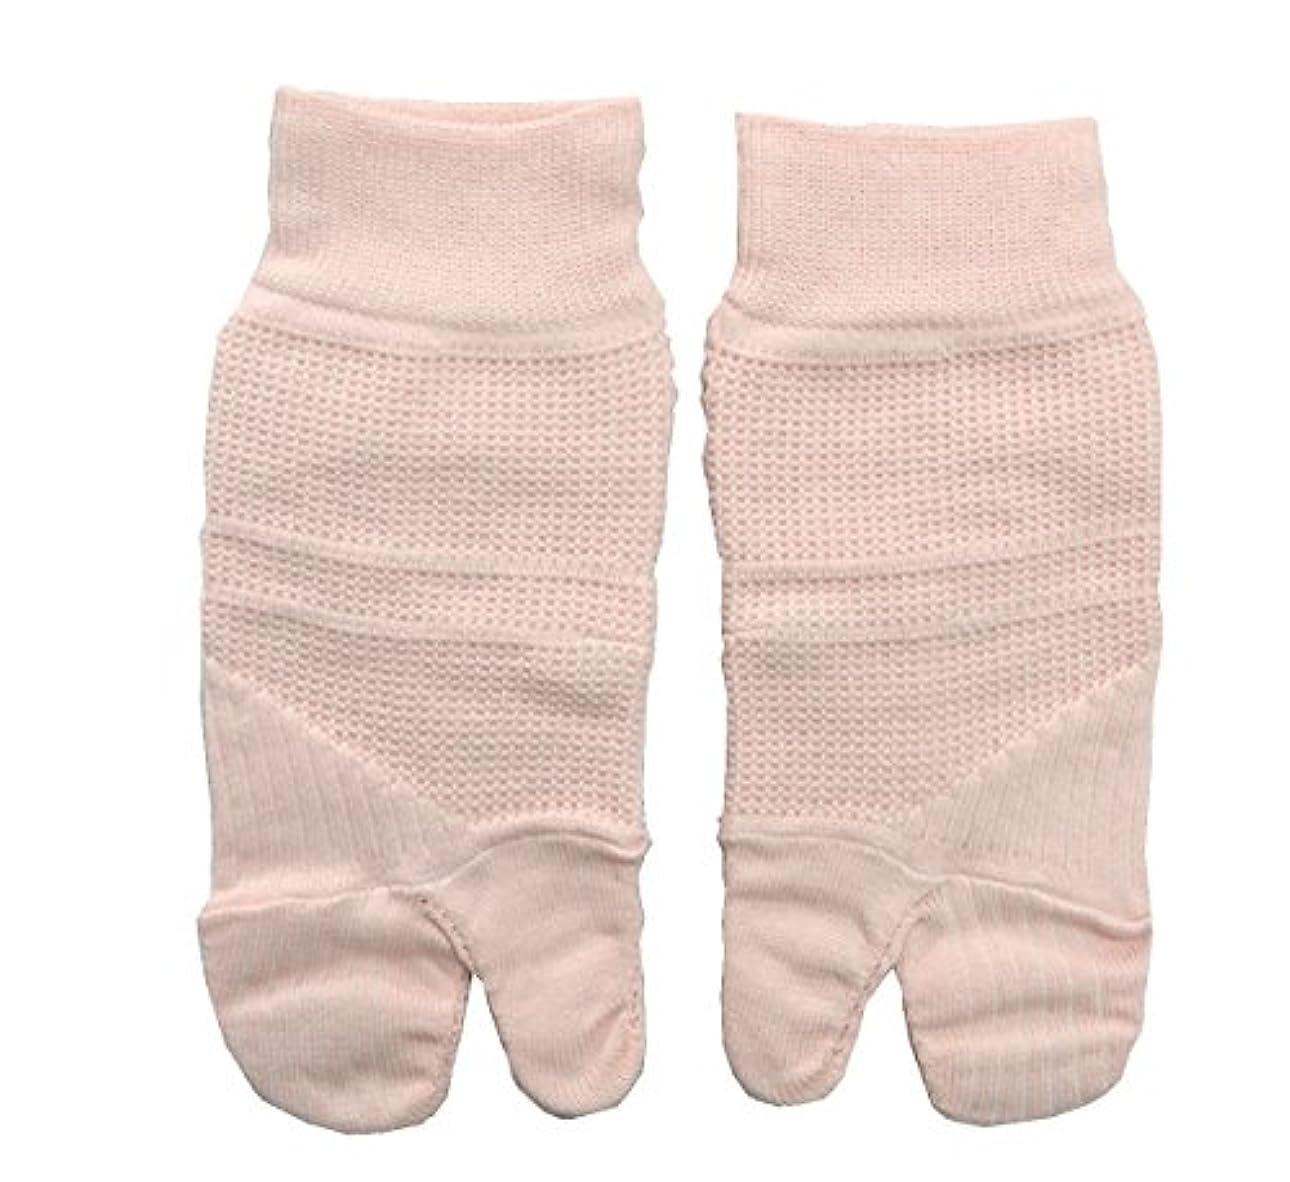 練る愛国的な毛細血管外反母趾対策靴下(通常タイプ) 着用後でもサイズ交換無料??着用後でも返品可